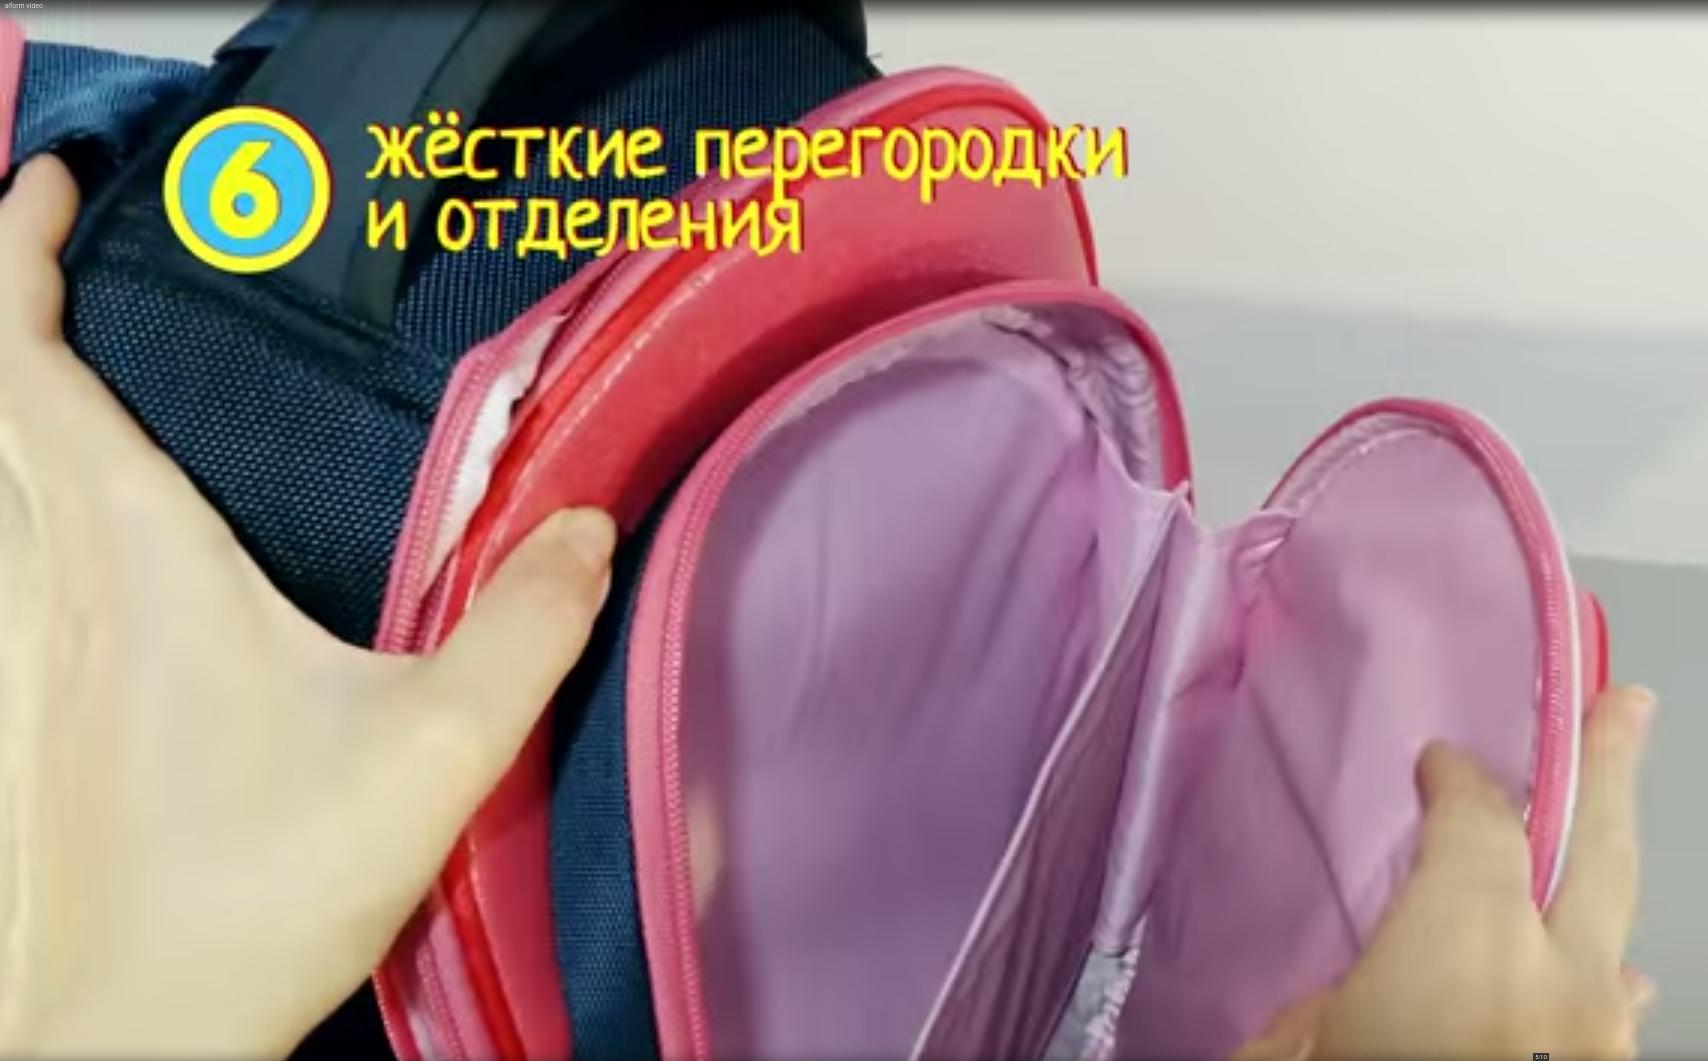 Школьный рюкзак Hummingbird TK51 официальный с мешком для обуви, - фото 5